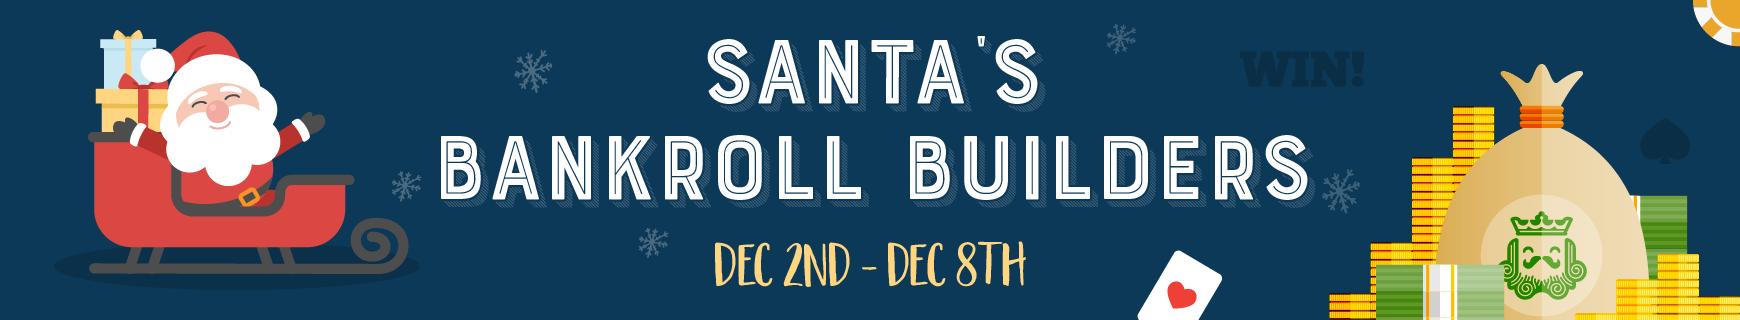 Santa's bankroll builders %28870 x 160%29 2x